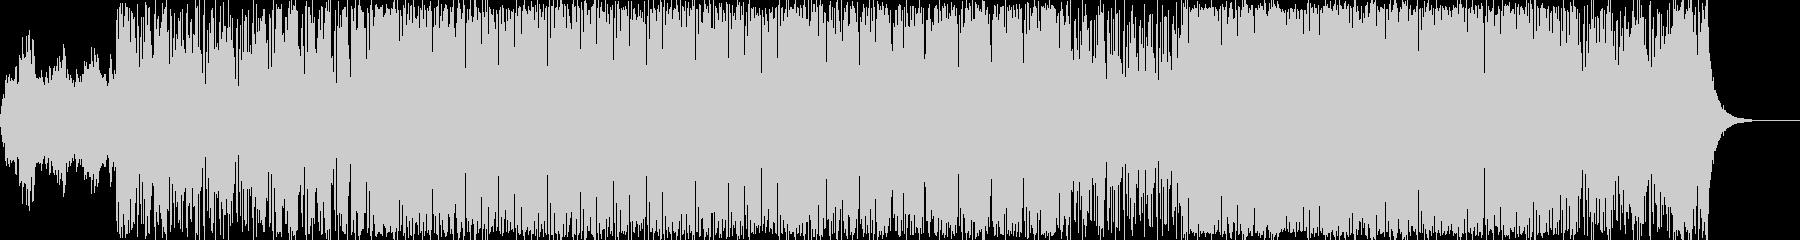 サンプリングボーカルを使ったチル系の未再生の波形